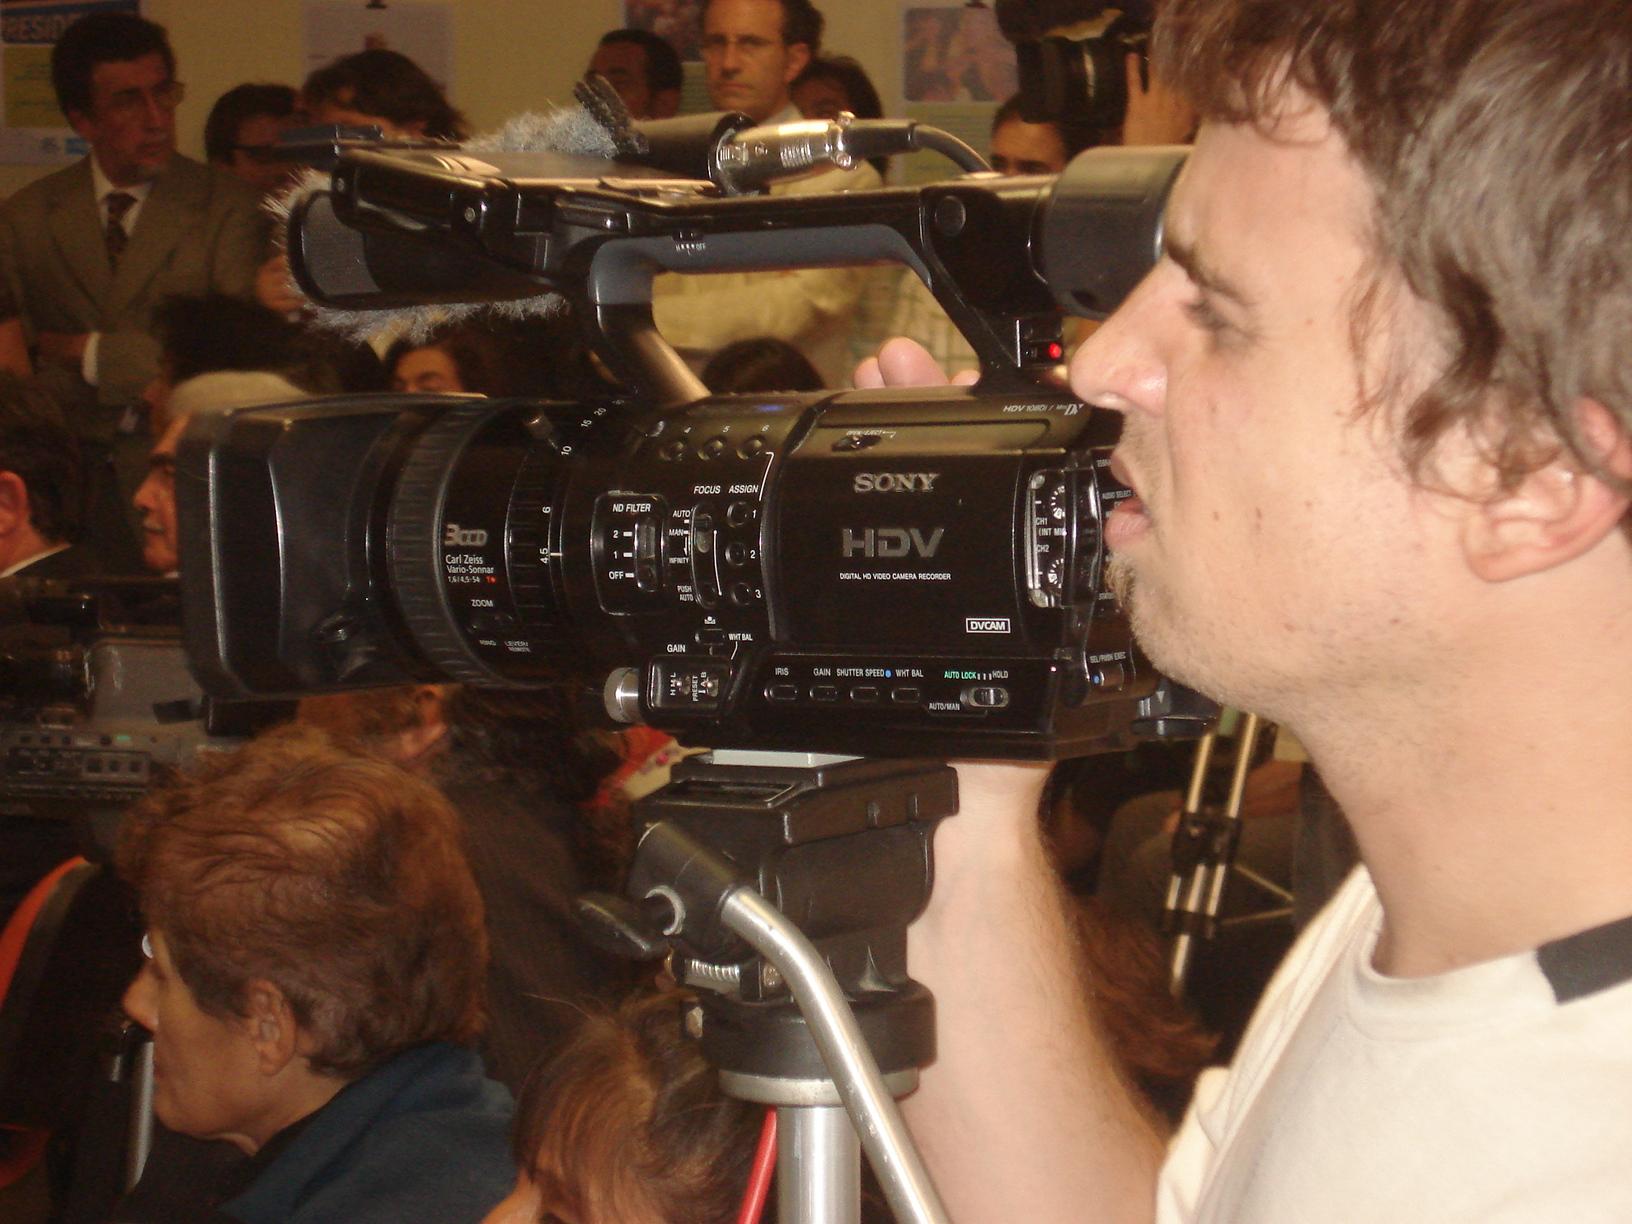 Profesionalismo y compenetración del cámara.